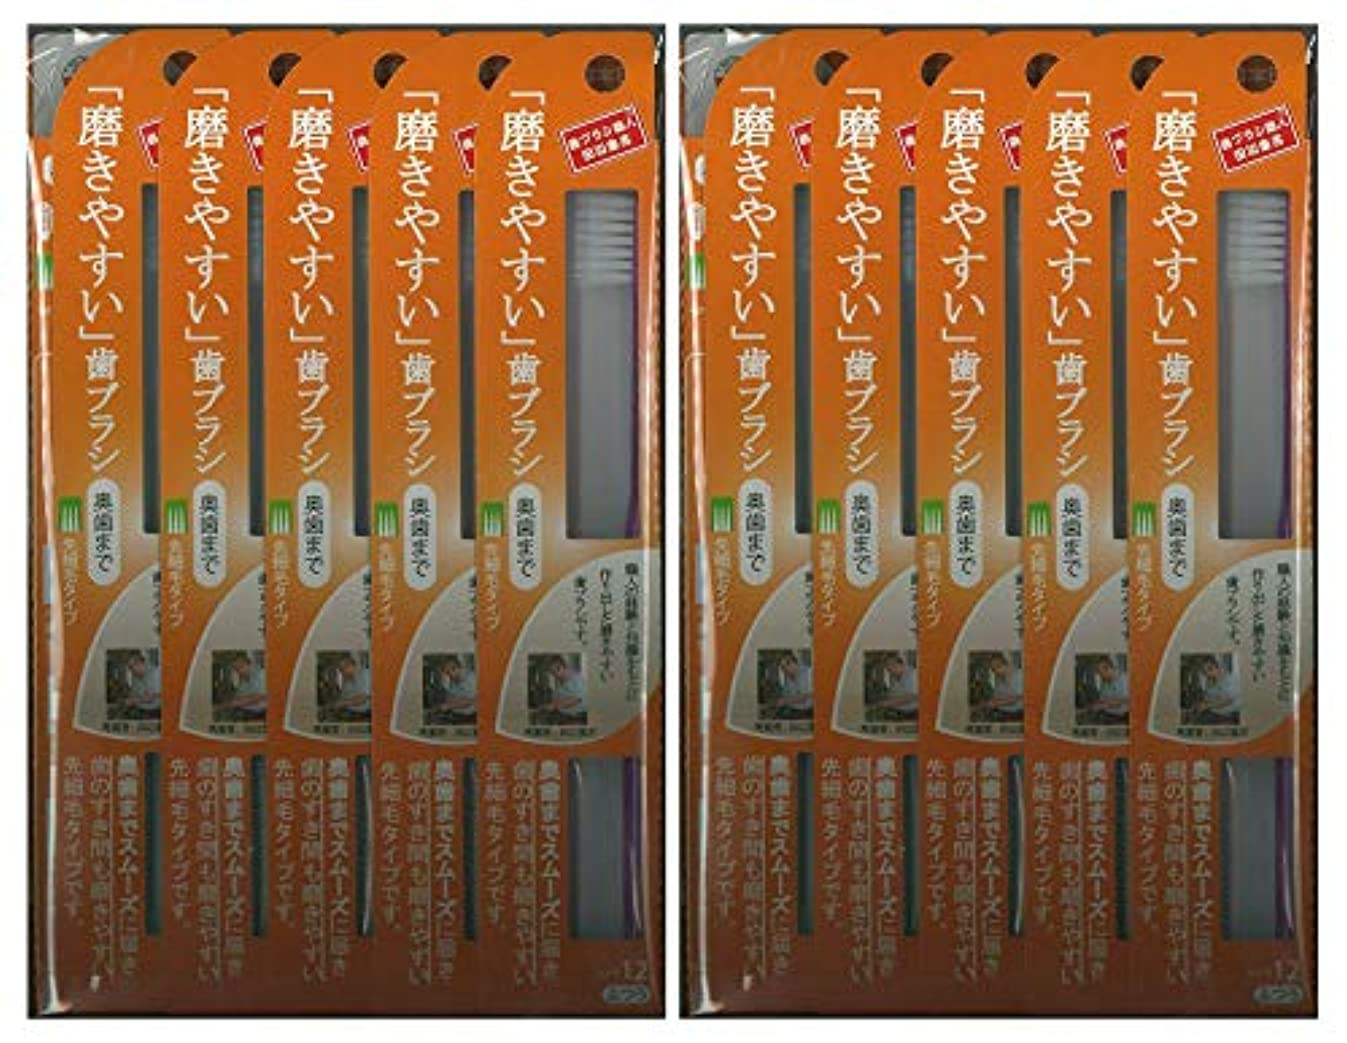 かび臭い定義上がる歯ブラシ職人 田辺重吉考案 磨きやすい歯ブラシ ふつう (奥歯まで)先細 LT-12 1本入×24本セット